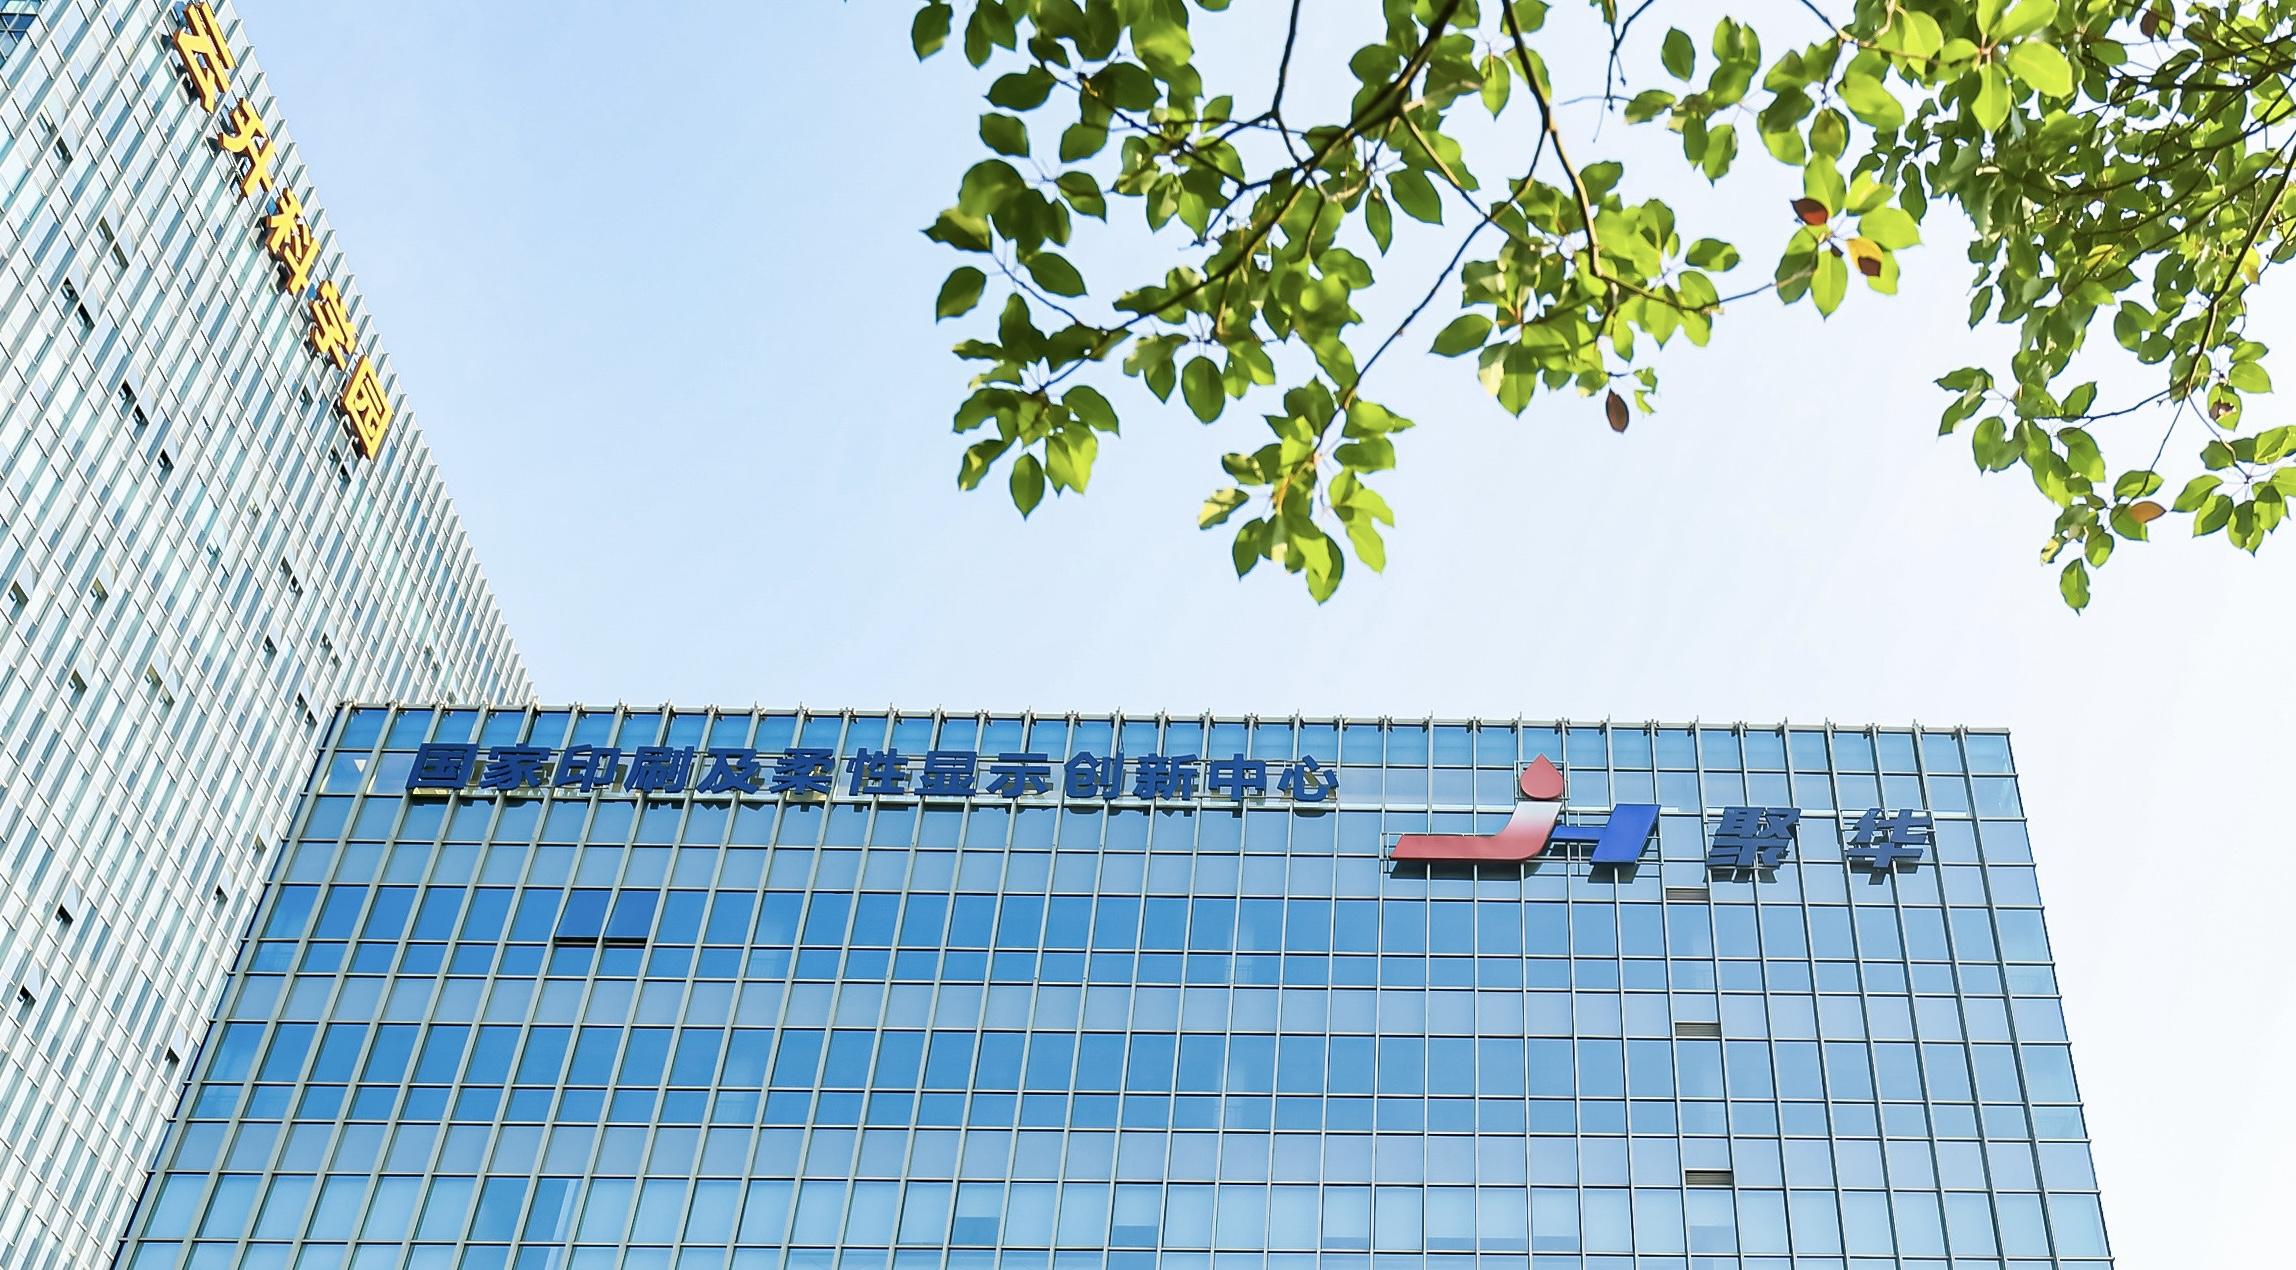 """天富平台1956注册成立技术创新中心,TCL旗下广东聚华想解决显示行业的""""卡脖子""""问题"""